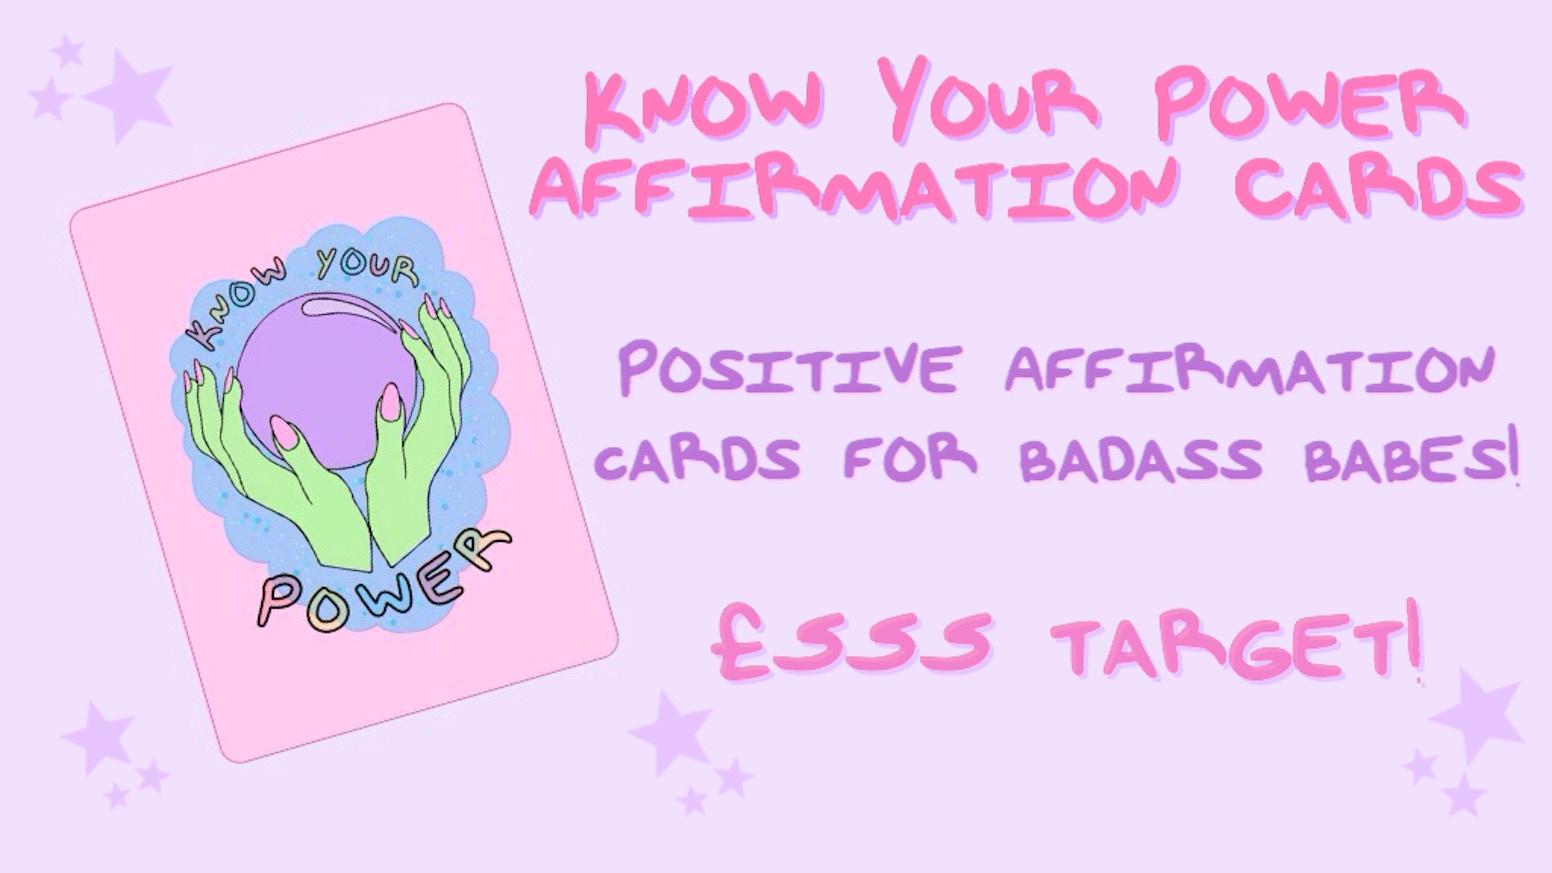 Know your power affirmation cards by hayley woodham kickstarter altavistaventures Gallery